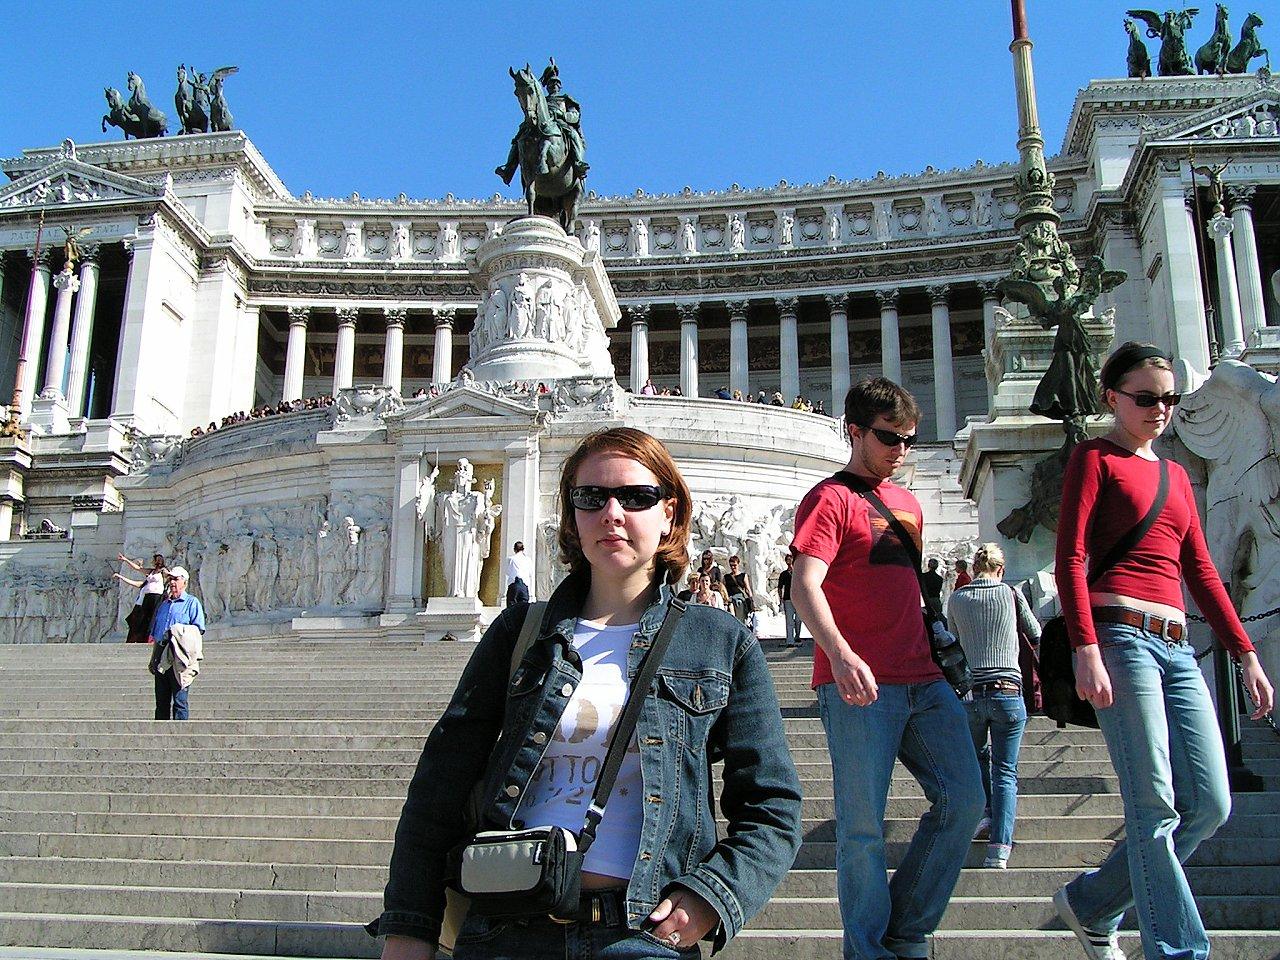 Victor Emmanuel II Monument, Altare della Patria, Rome attractions, Italy – 4